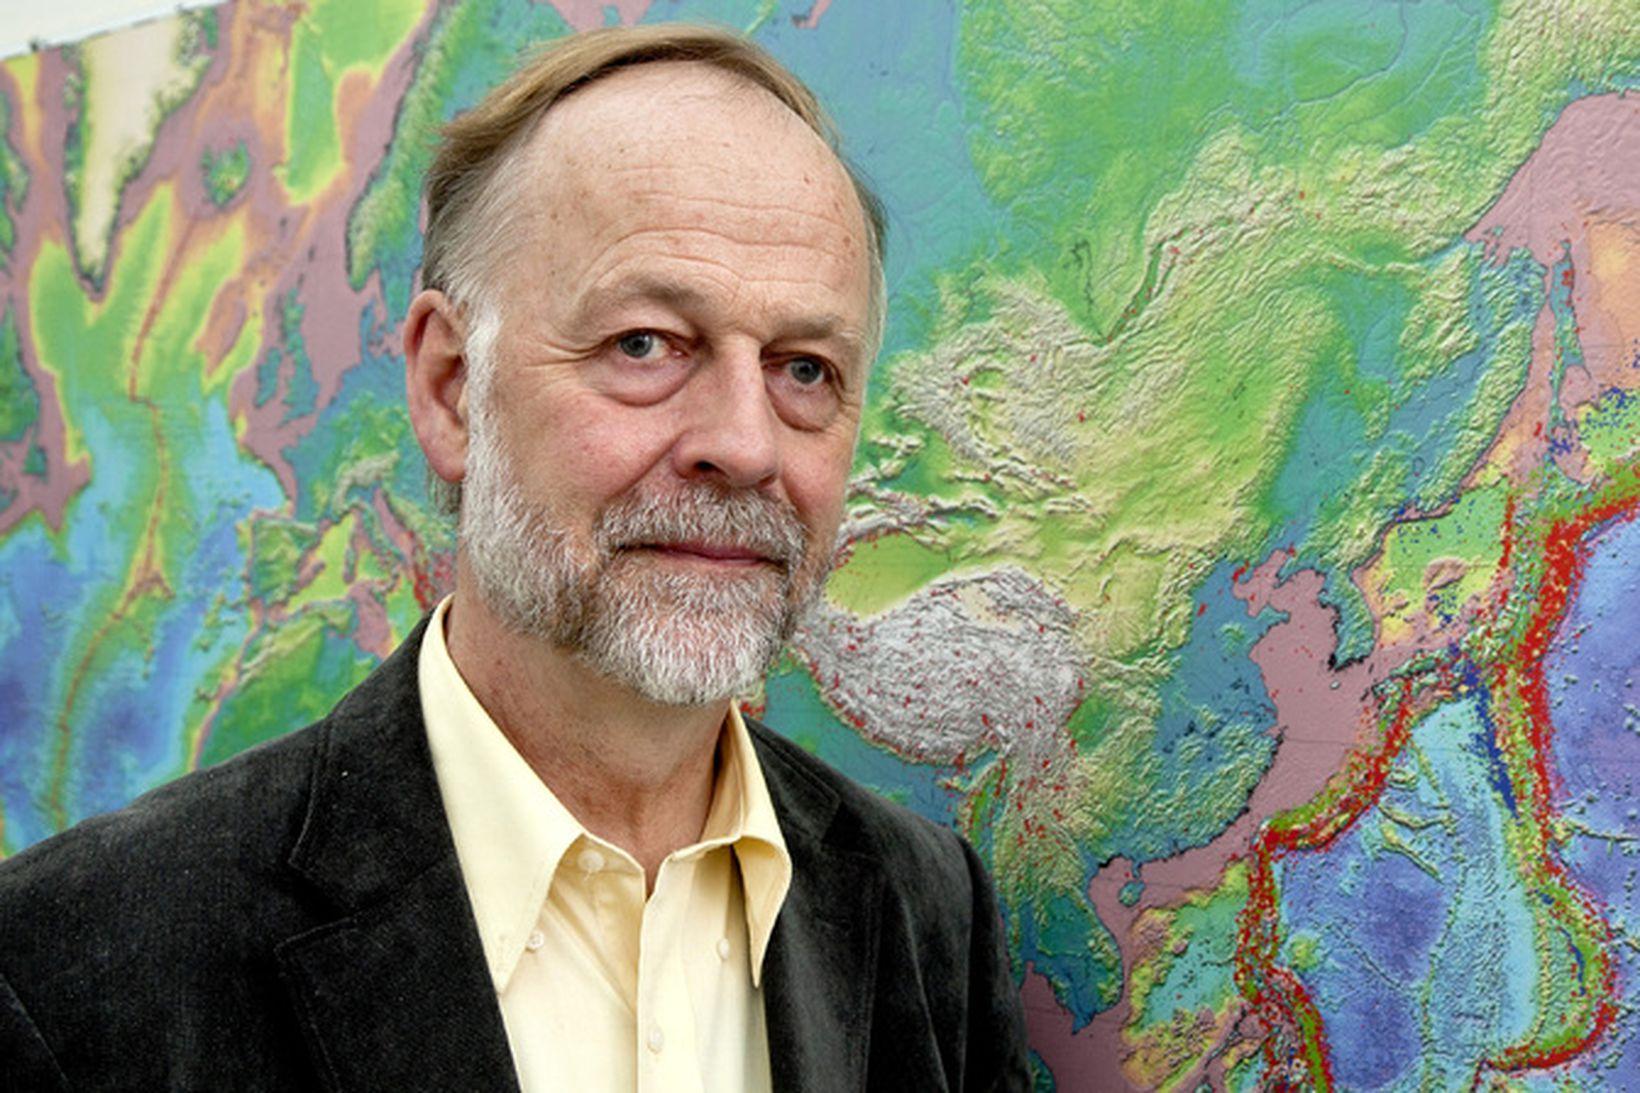 Páll Einarsson, prófessor emeritus við jarðvísindadeild Háskóla Íslands, er annar …